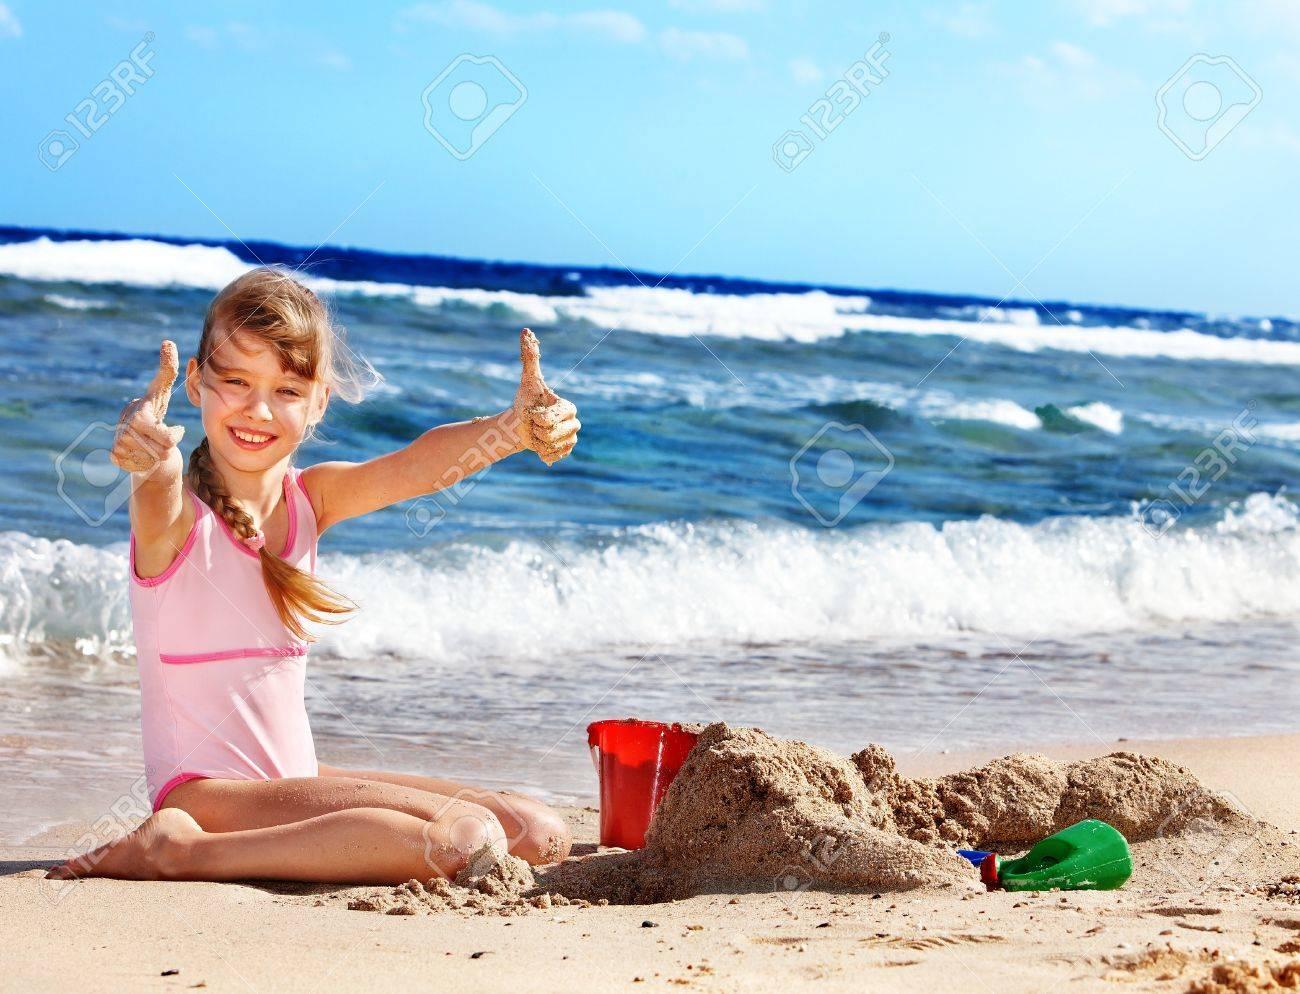 Дети 10 лет на пляже фото